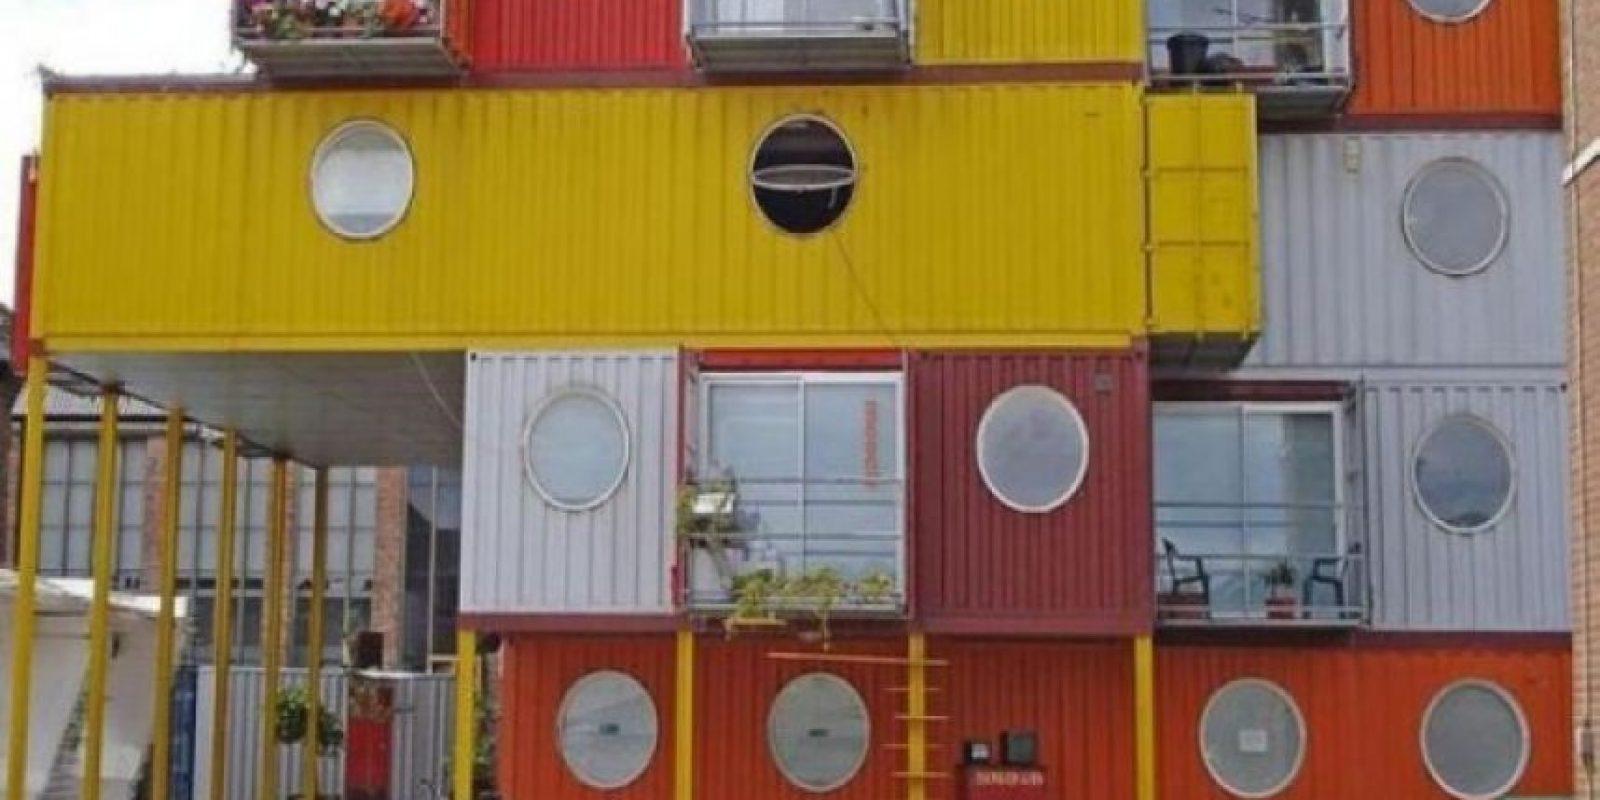 Hace unos años Eric Reynolds decidió reformar la zona portuaria de Trinity Buoy Wharf, al este de Londres, y para ello reutilizó los contenedores de los barcos de carga del puerto.